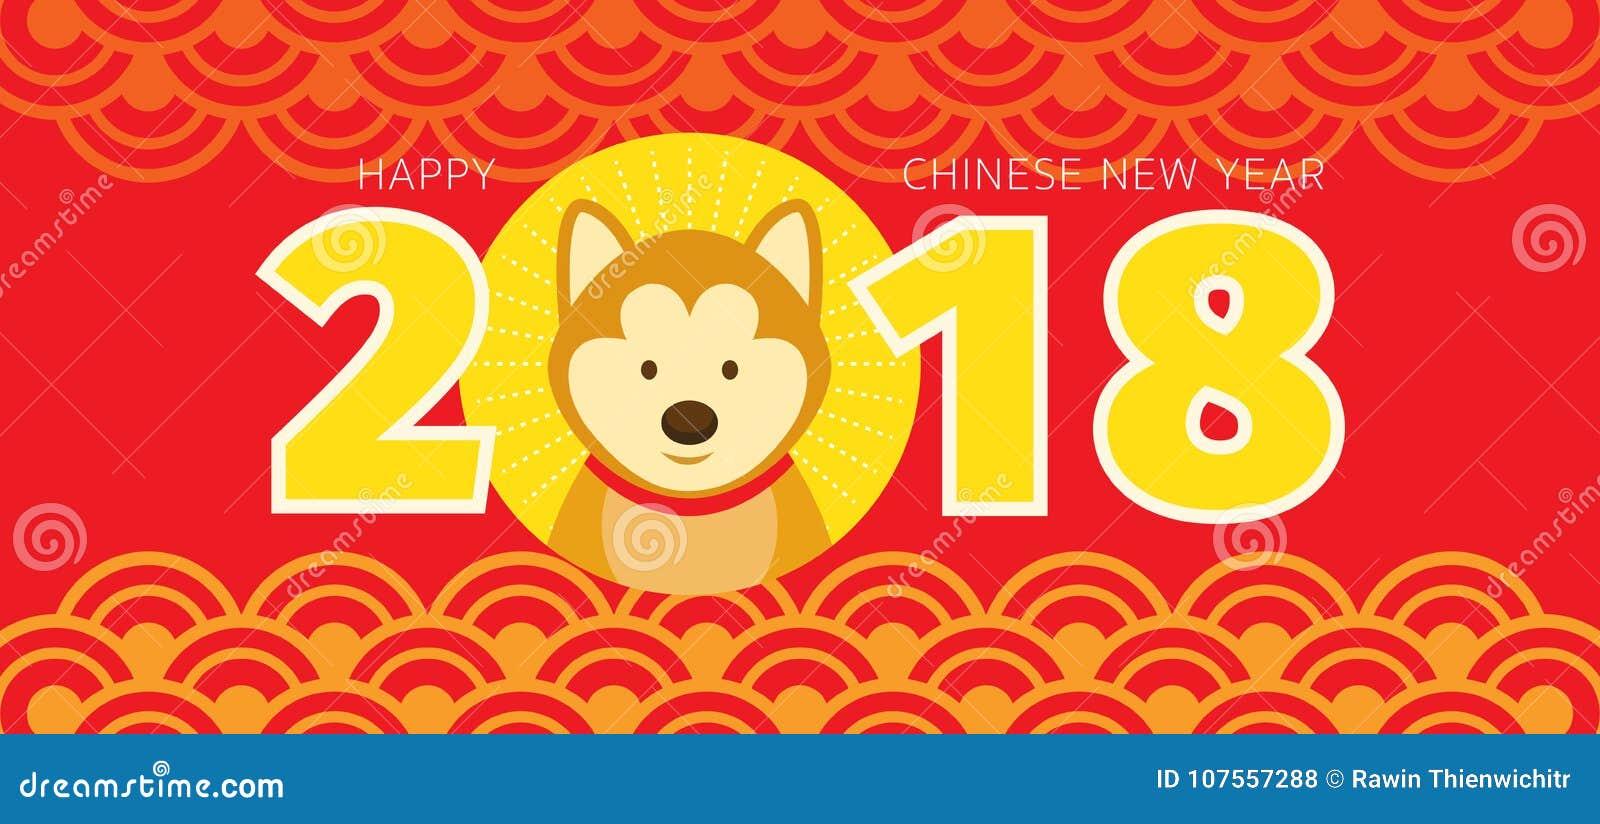 Shiba Inu Dog, Chinese New Year 2018